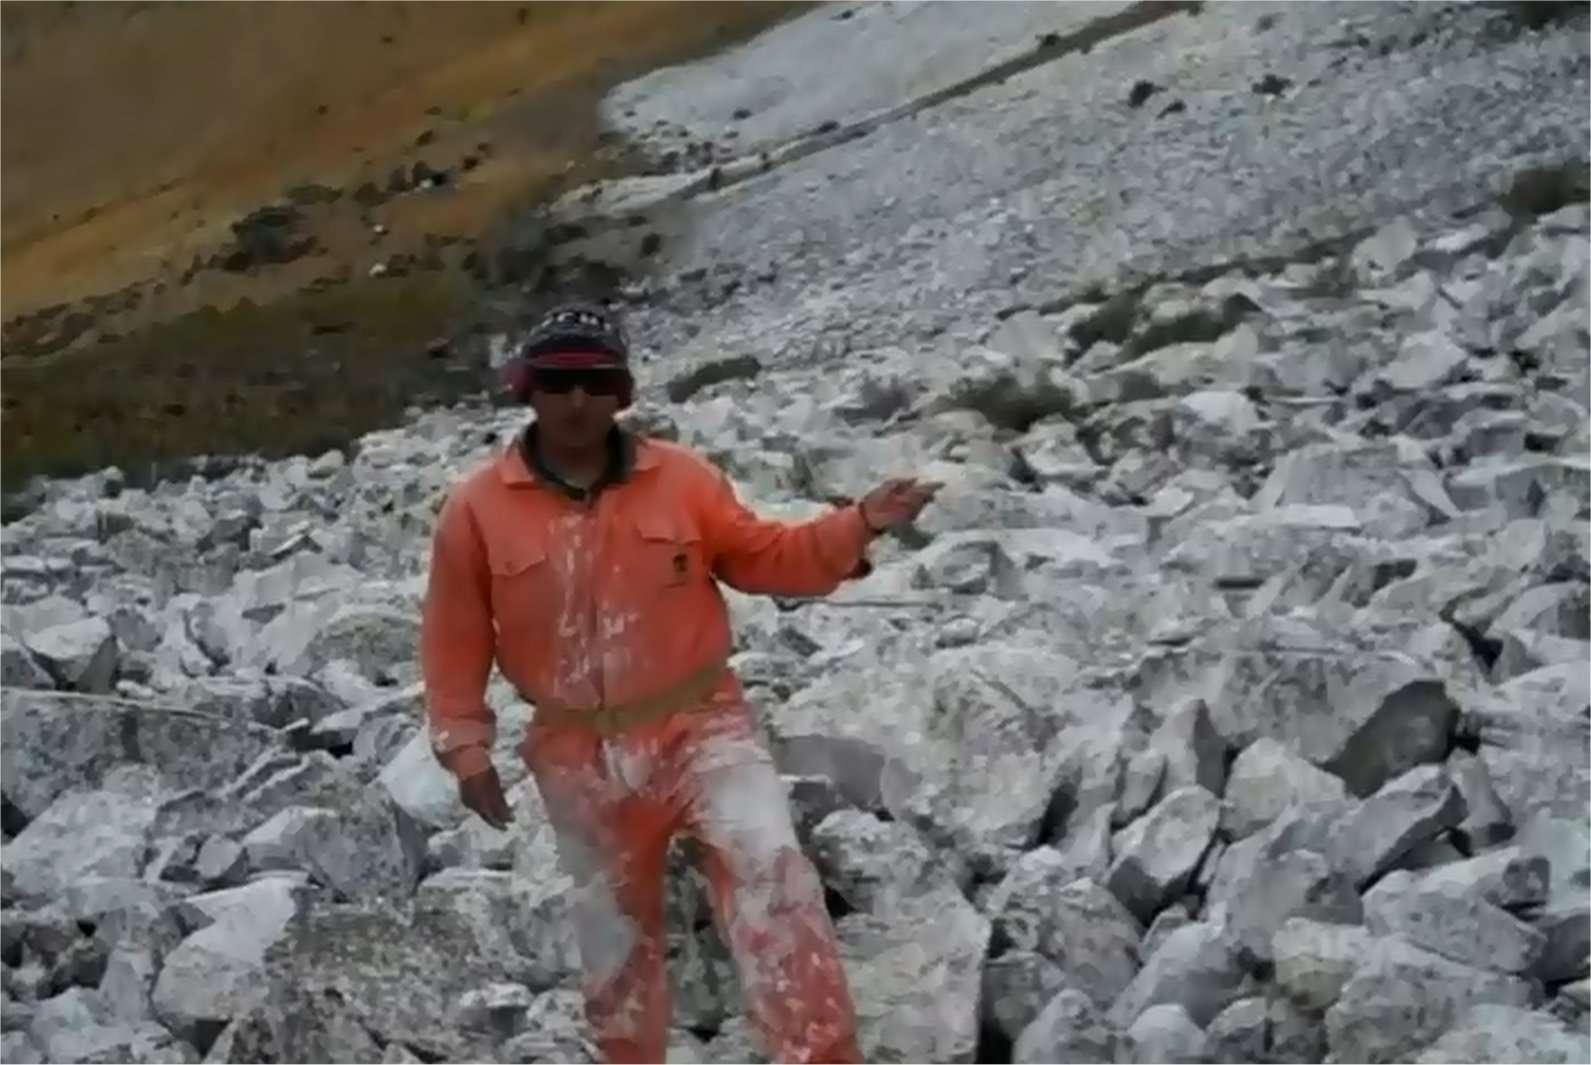 L'équipe à l'œuvre sur les pentes du pic Chalón Sombreron dans les Andes péruviennes, en 2010. Une tentative de géo-ingénierie très modeste, peut-être dérisoire, mais il faut bien tenter quelque chose. © Glacieres Peru